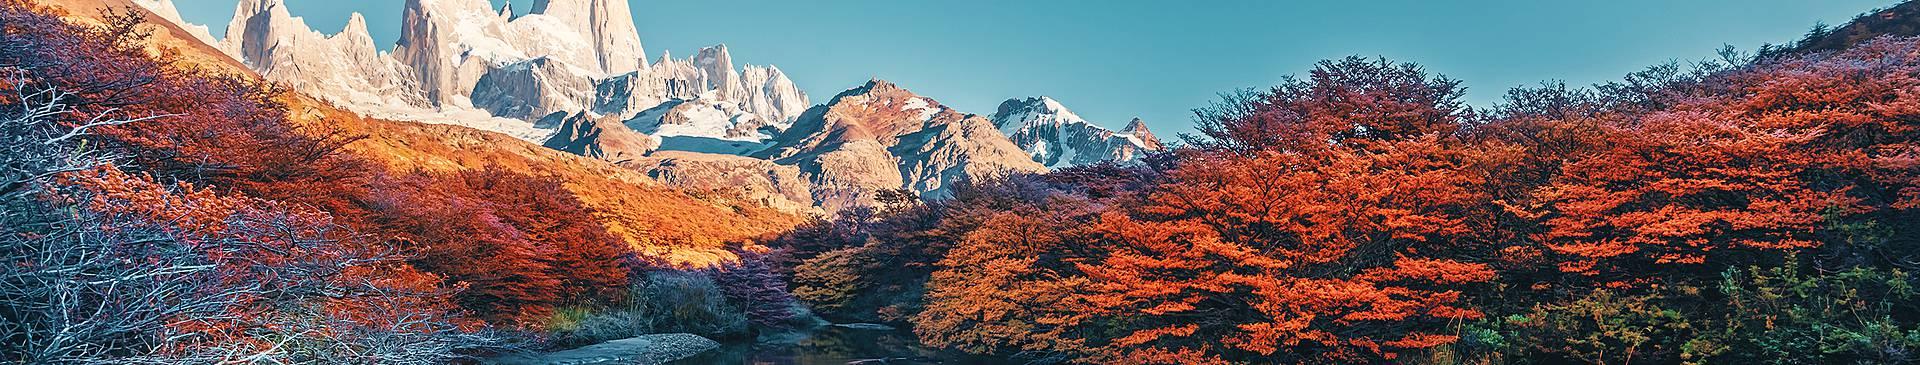 Viajes a Patagonia en otoño